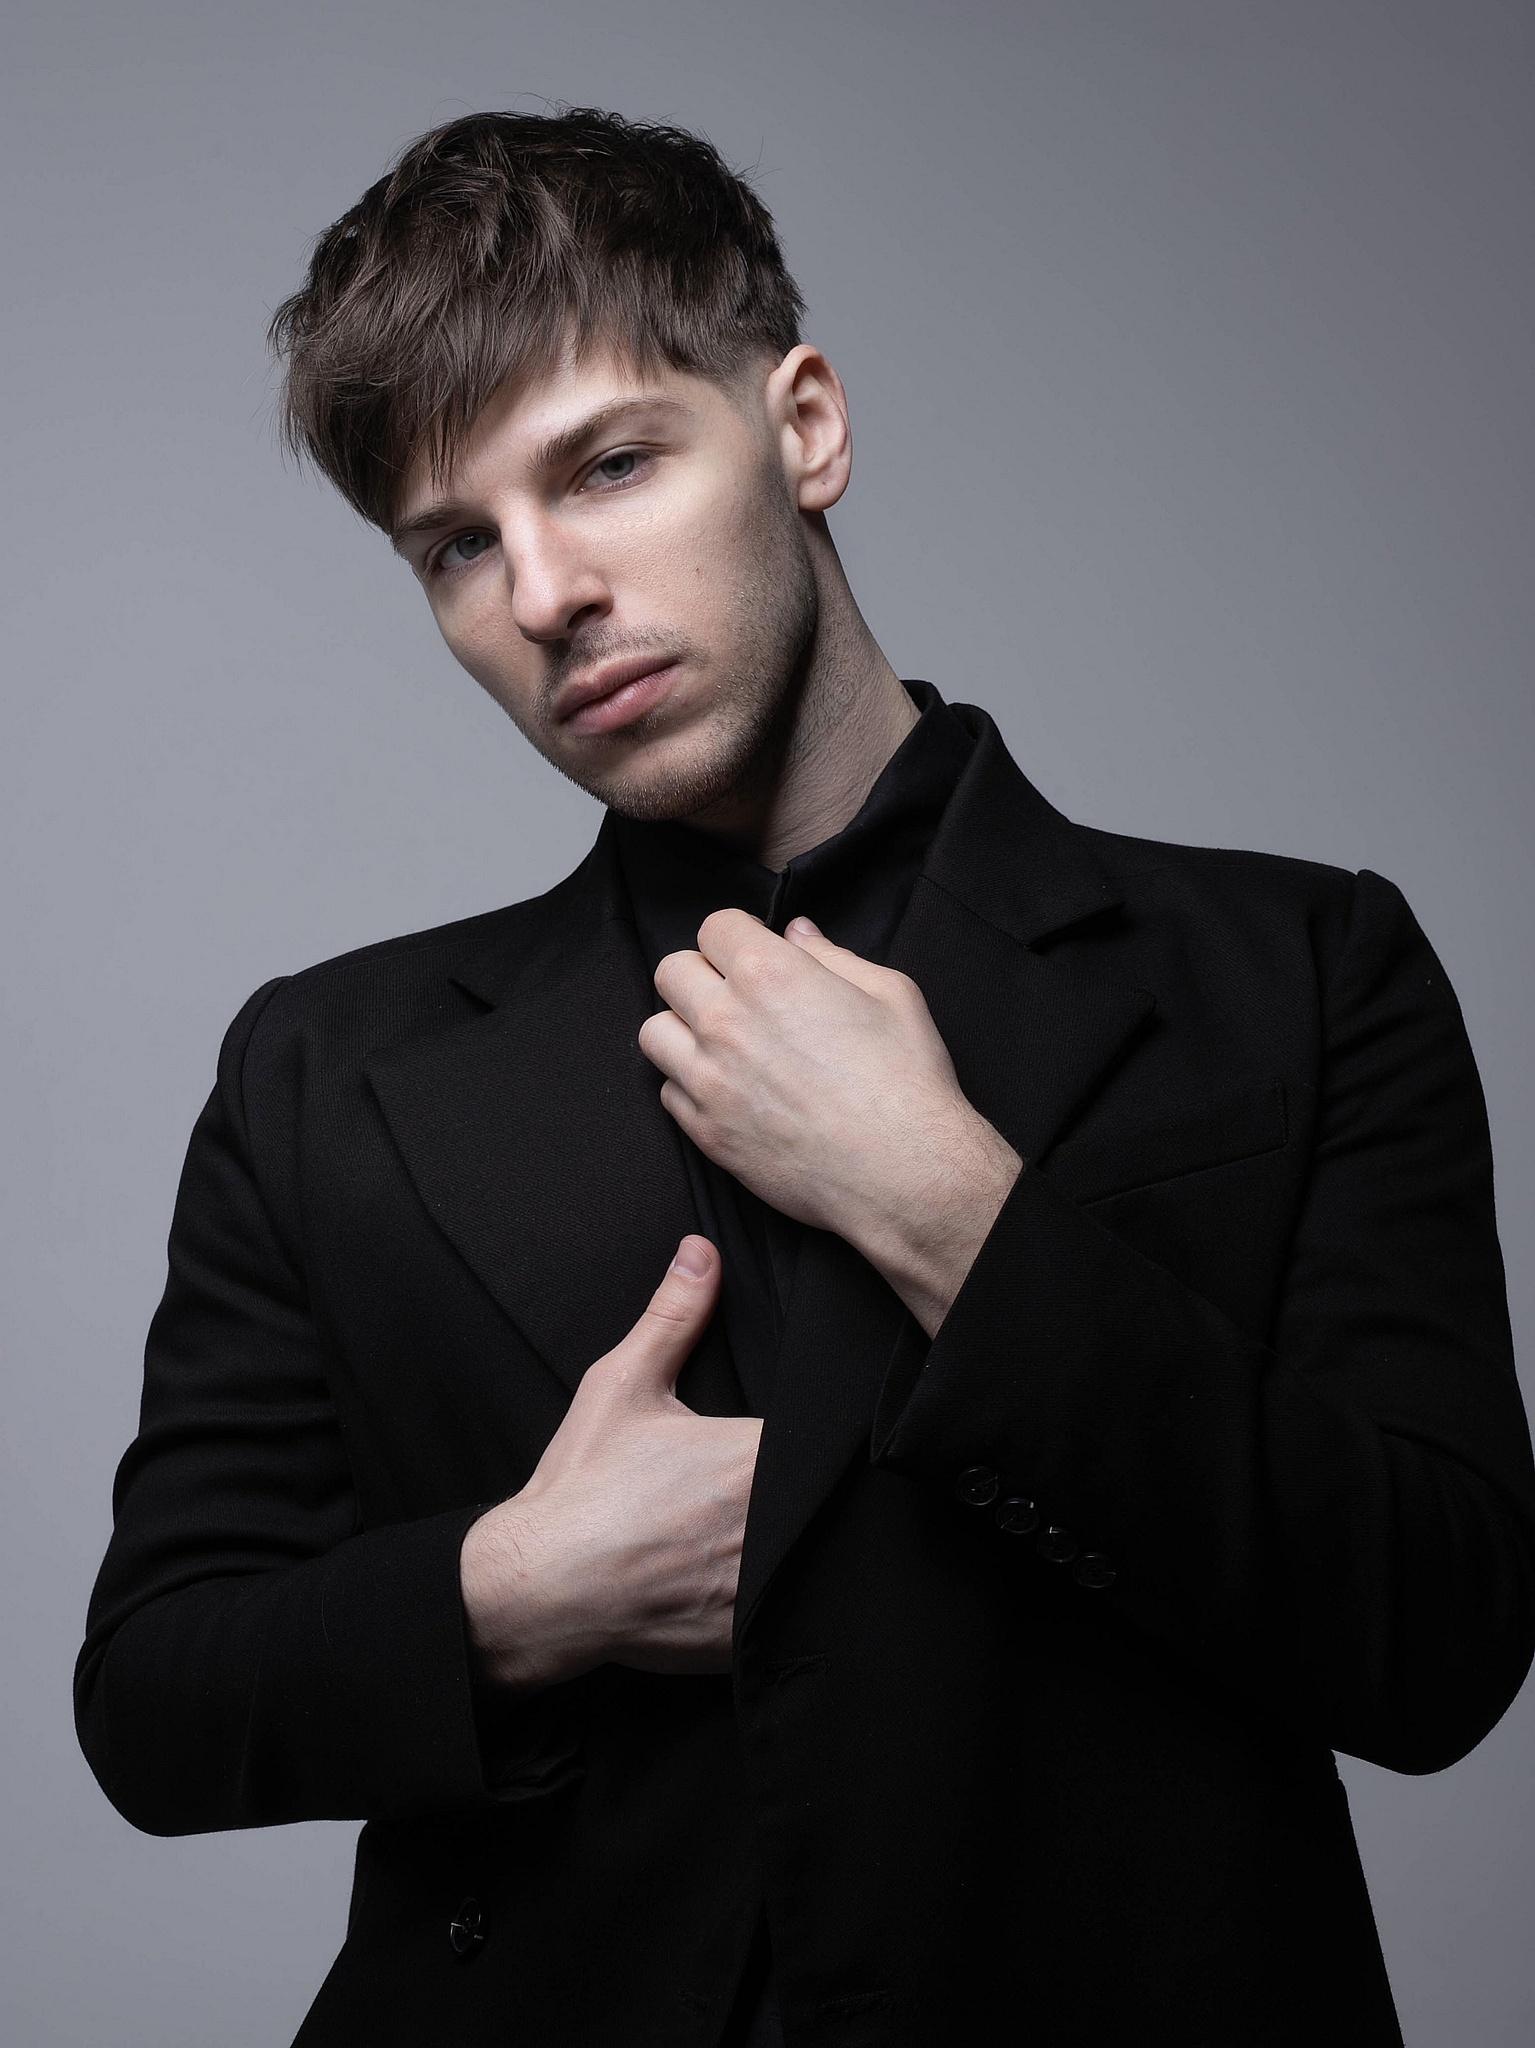 Автор и исполнитель Александр Эгромжан выпустил новую песню «Люби»